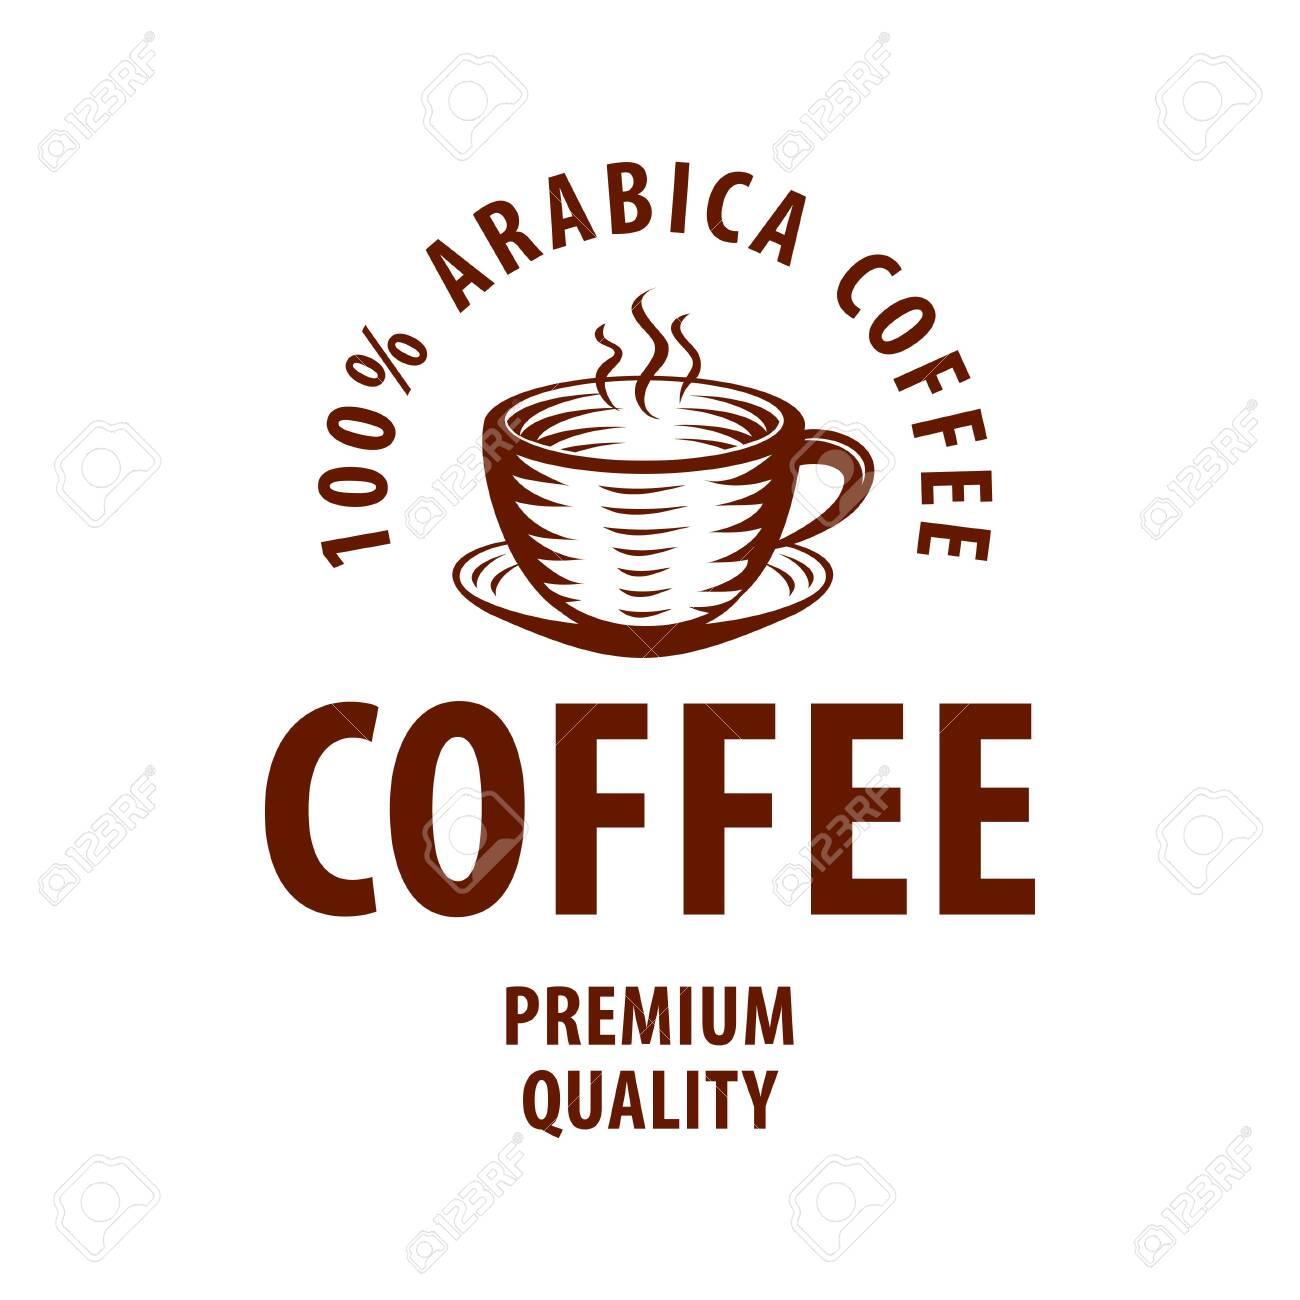 Coffee Shop Logo Design Template Retro Coffee Emblem Vector Art Ilustraciones Vectoriales Clip Art Vectorizado Libre De Derechos Image 148549141